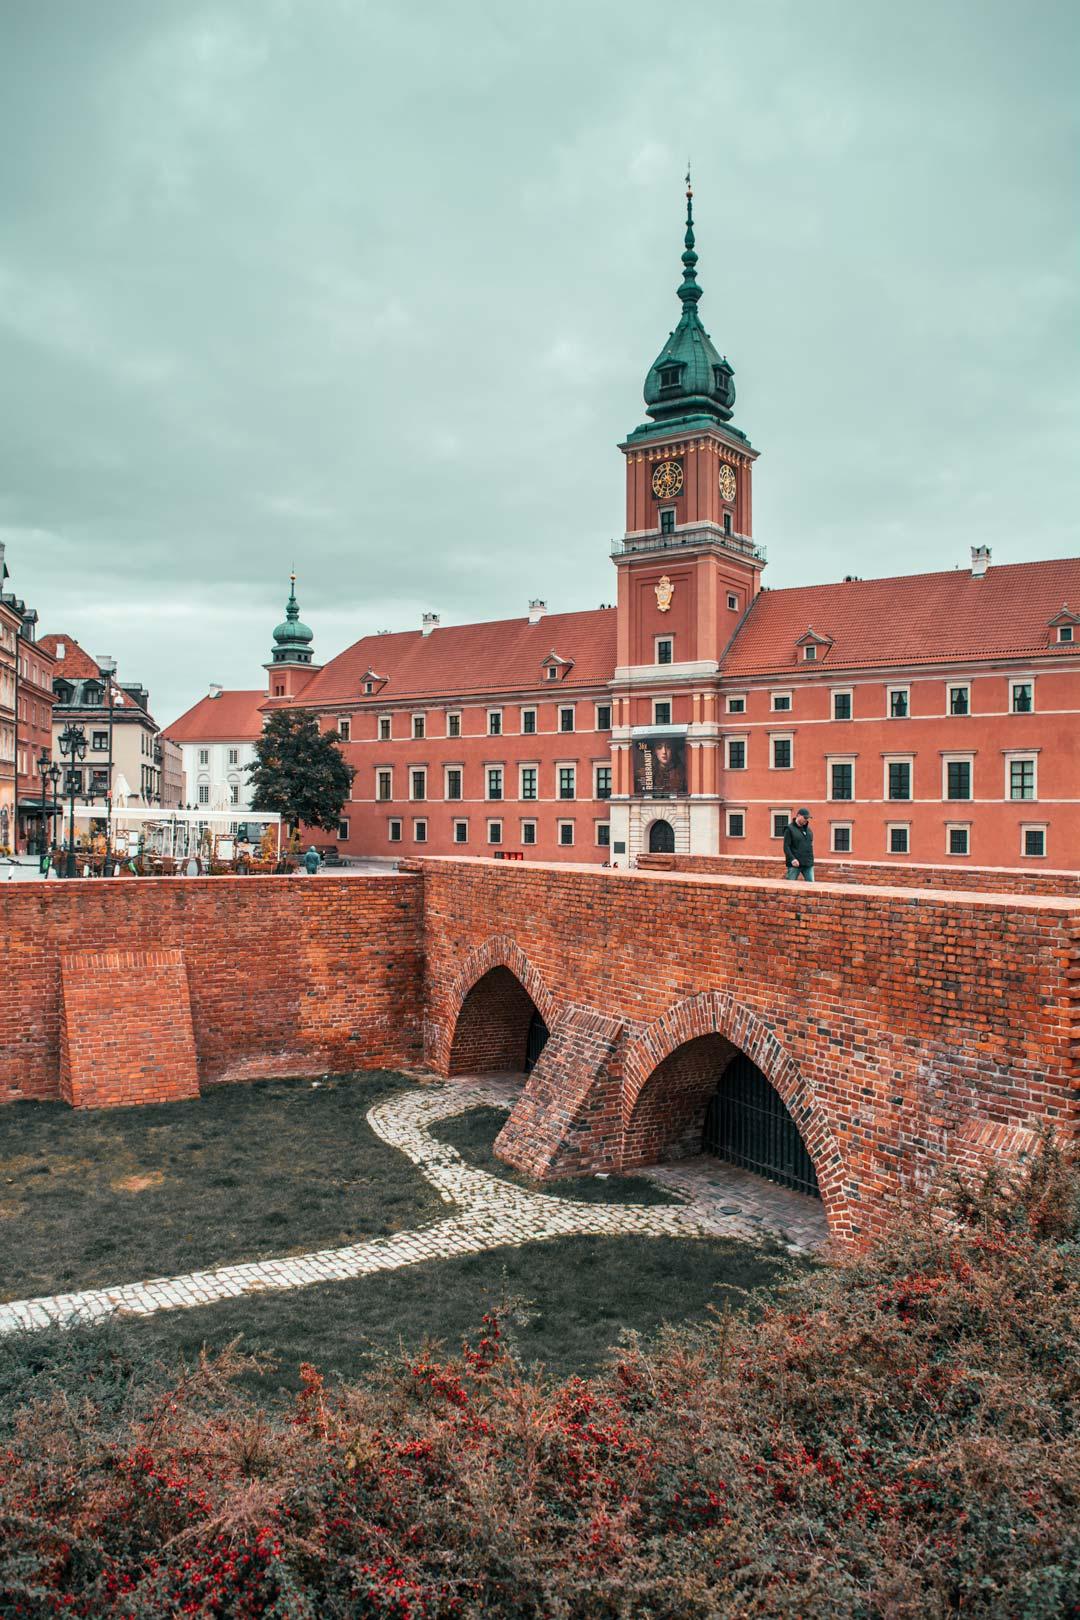 Βασιλικό-κάστρο-Βαρσοβίας-travelshare.gr